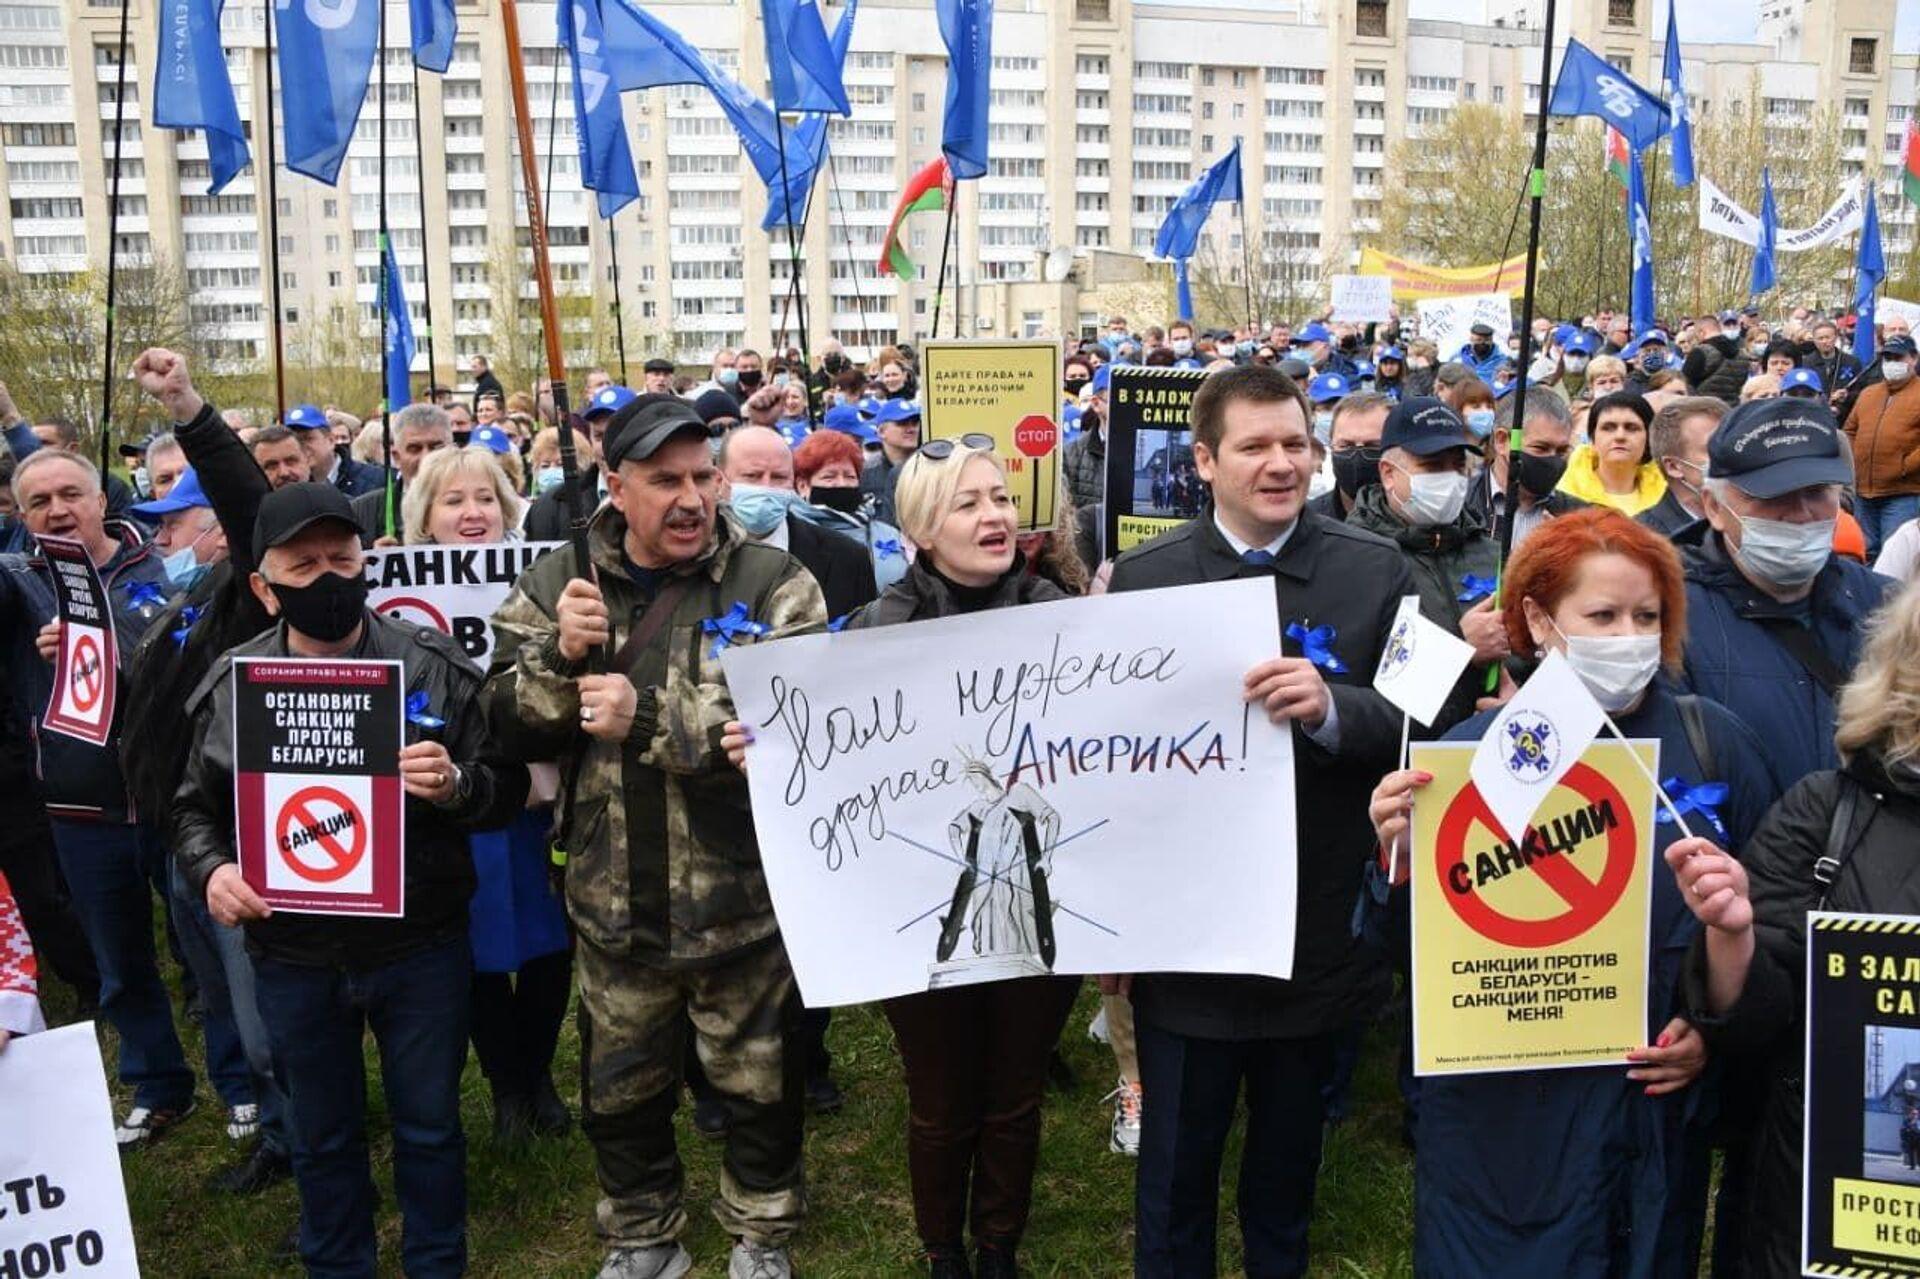 Белорусские профсоюзы протестуют против возобновления санкций США у американского посольства в Минске - Sputnik Беларусь, 1920, 29.06.2021